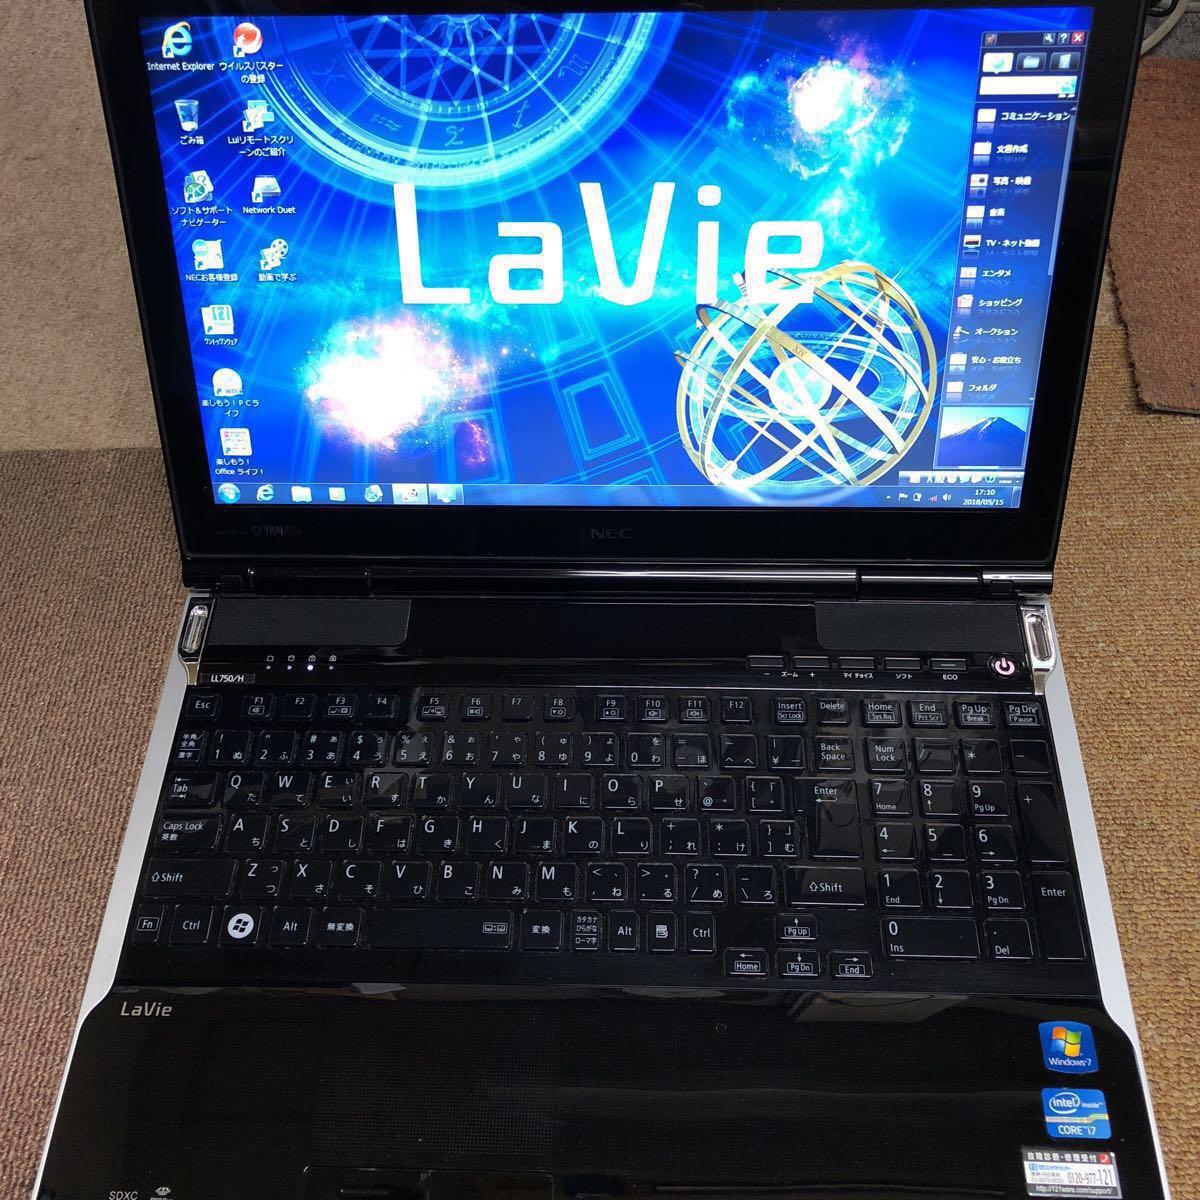 NEC LaVie LL750/H 中古美品 win7 corei7-3610QM 1TB メモリ8GB Blu-rayモデル リカバリ済み